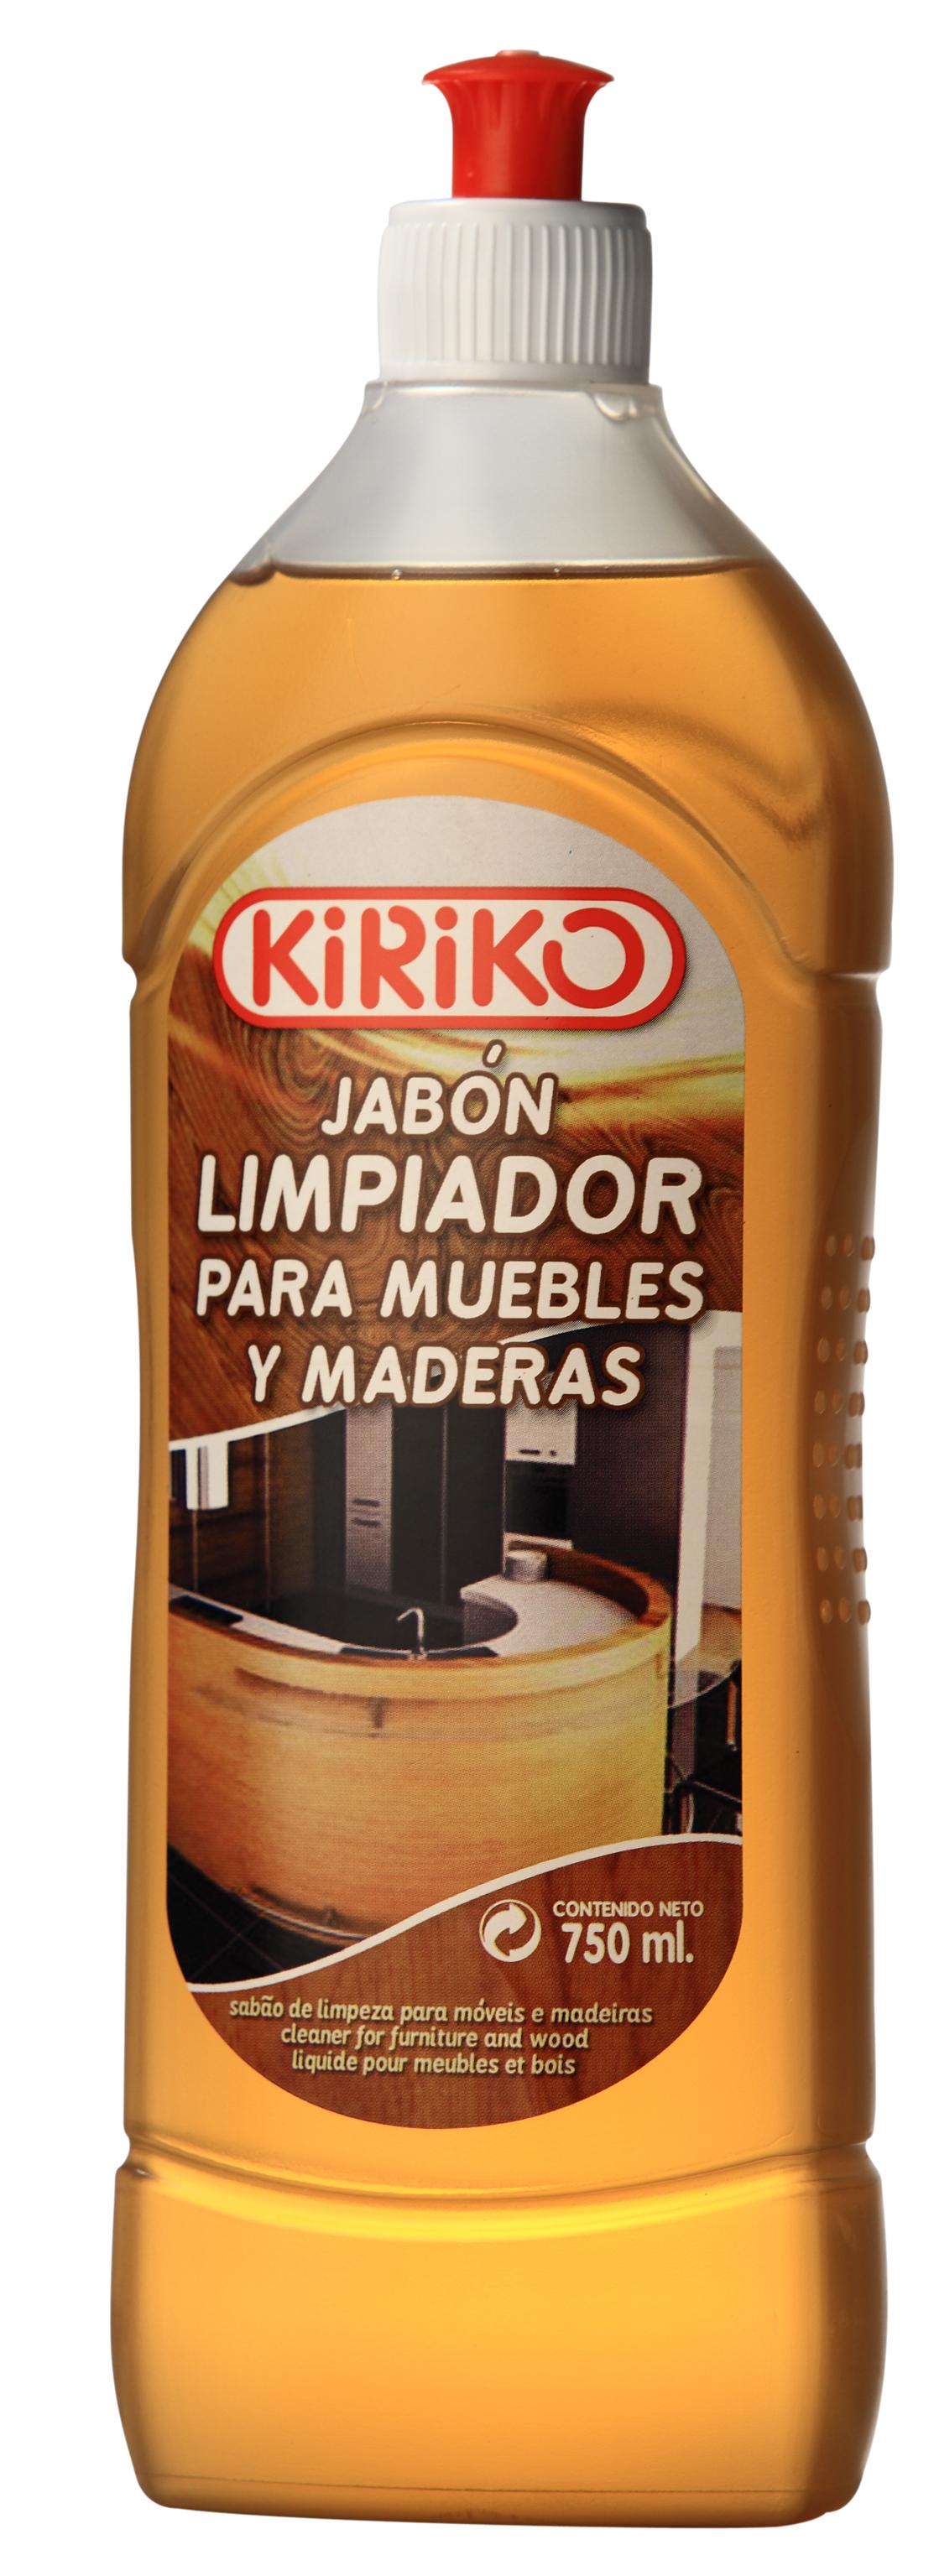 Jabon limpiador para muebles y maderas 750ml for Jabon neutro para limpiar muebles